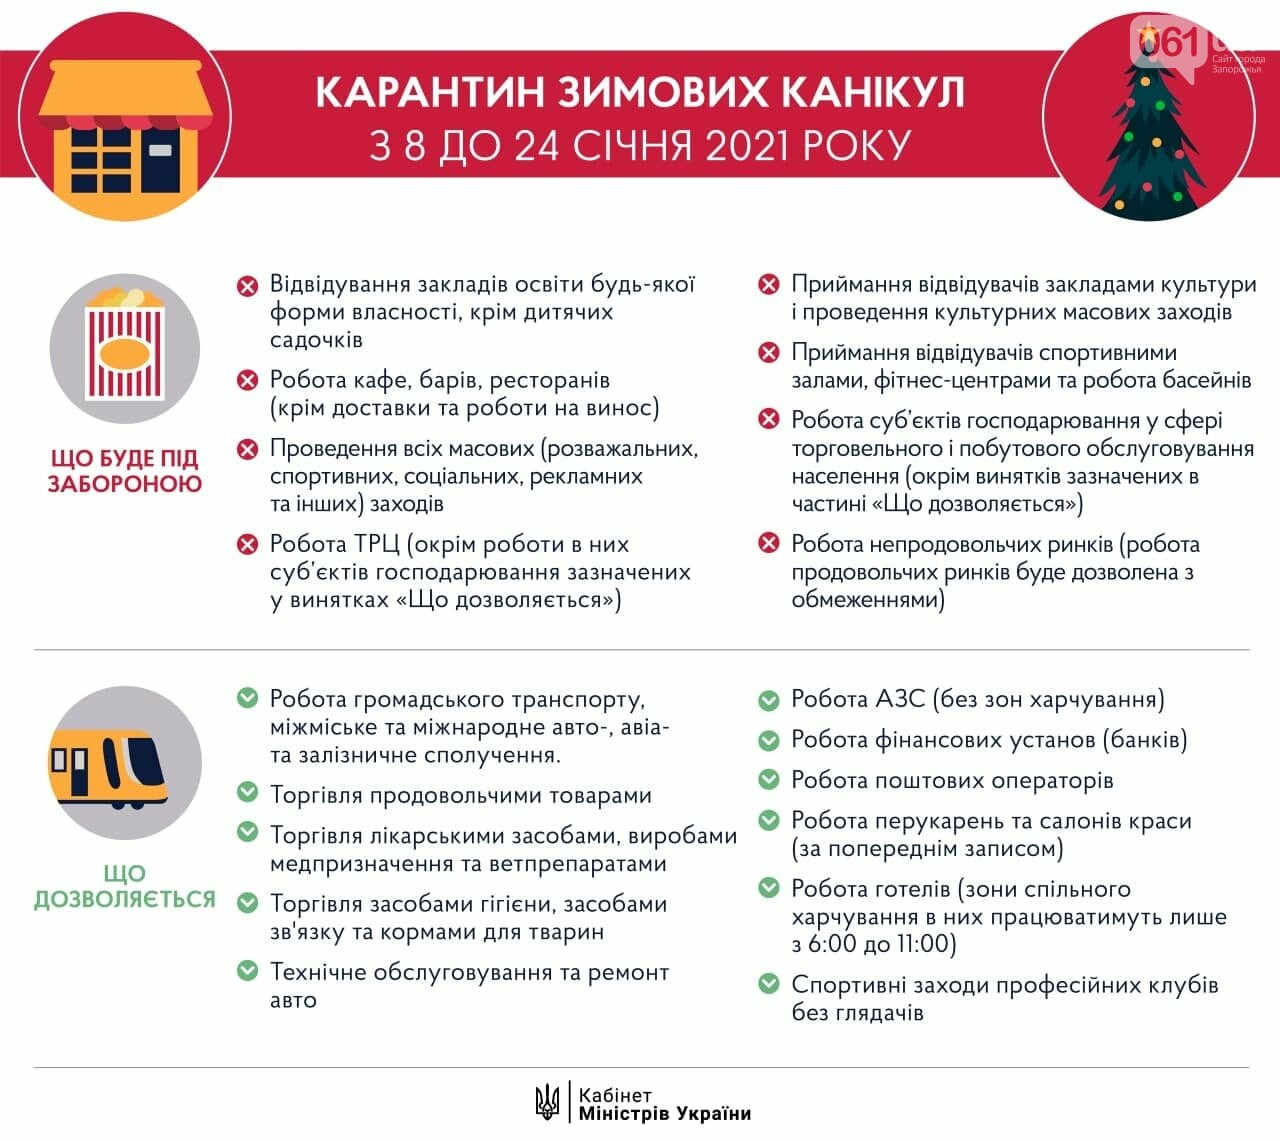 """Украина на две недели уходит на """"зимние каникулы"""" - какие ограничения будут введены, фото-1"""